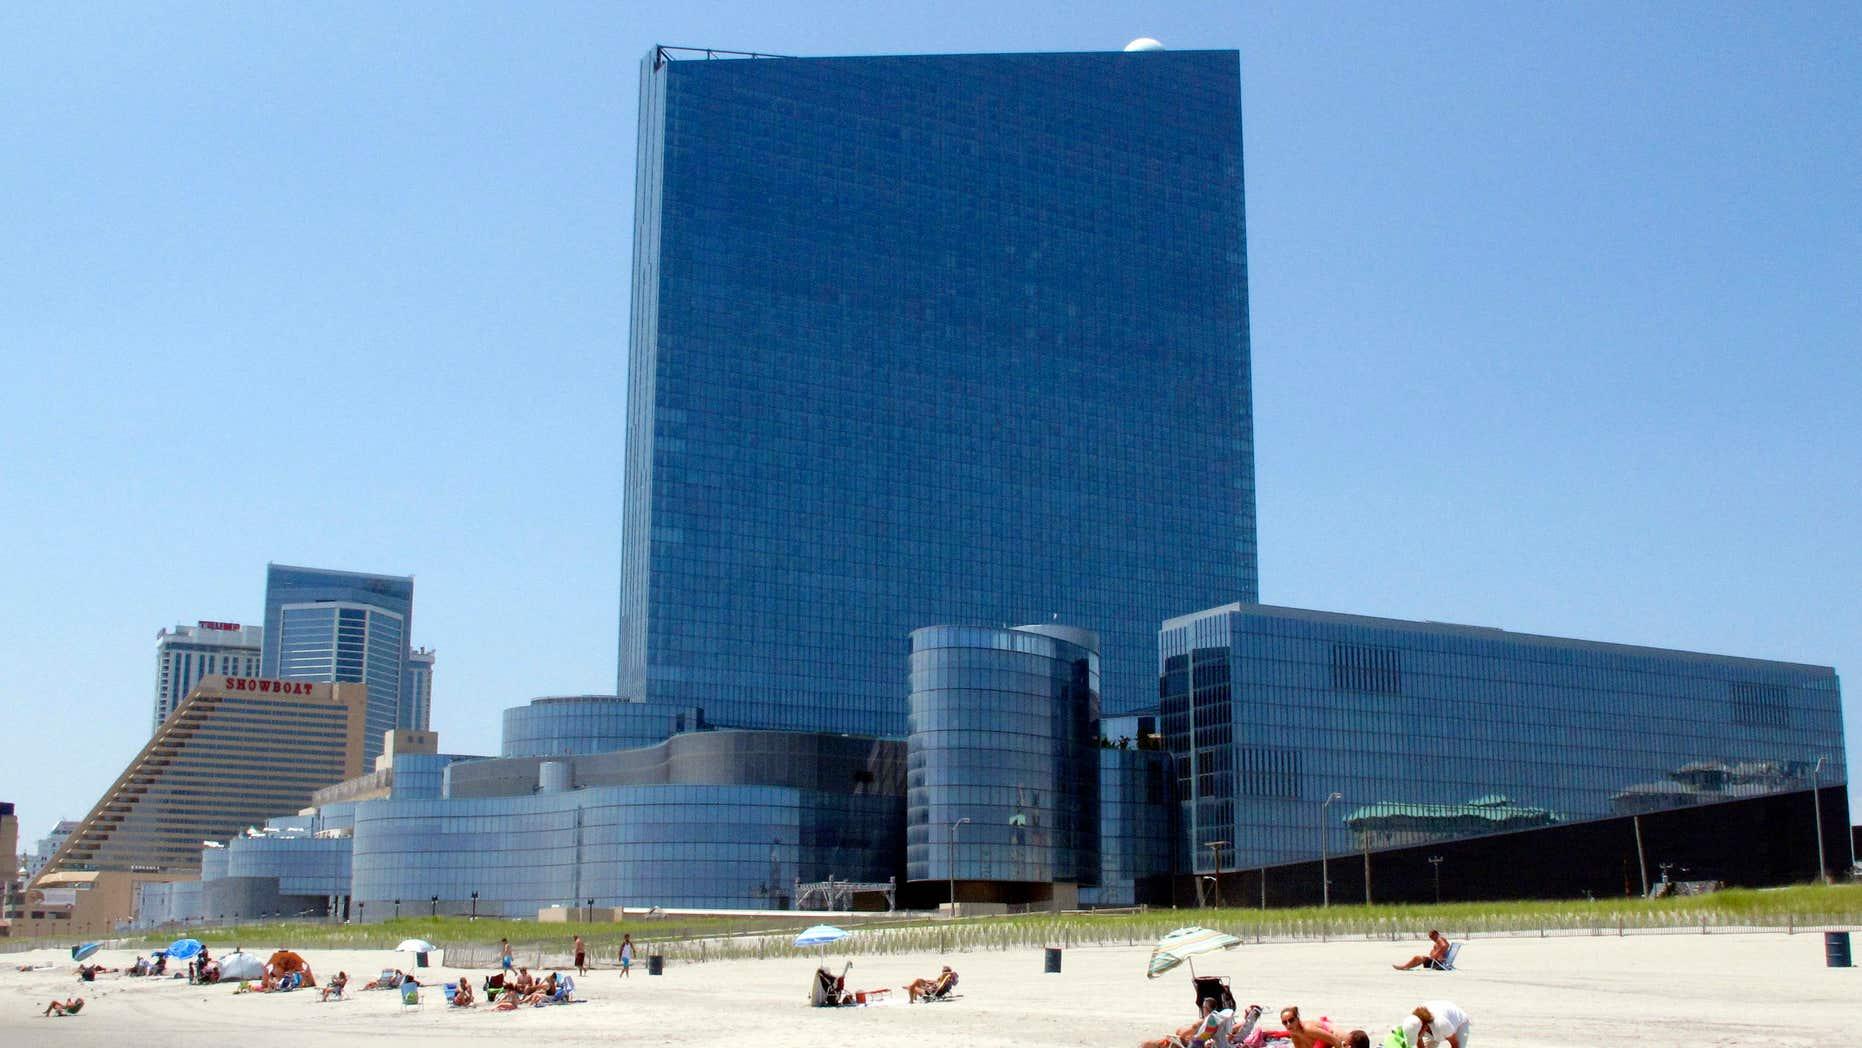 July 23, 2014: Revel casino hotel in Atlantic City, N.J.